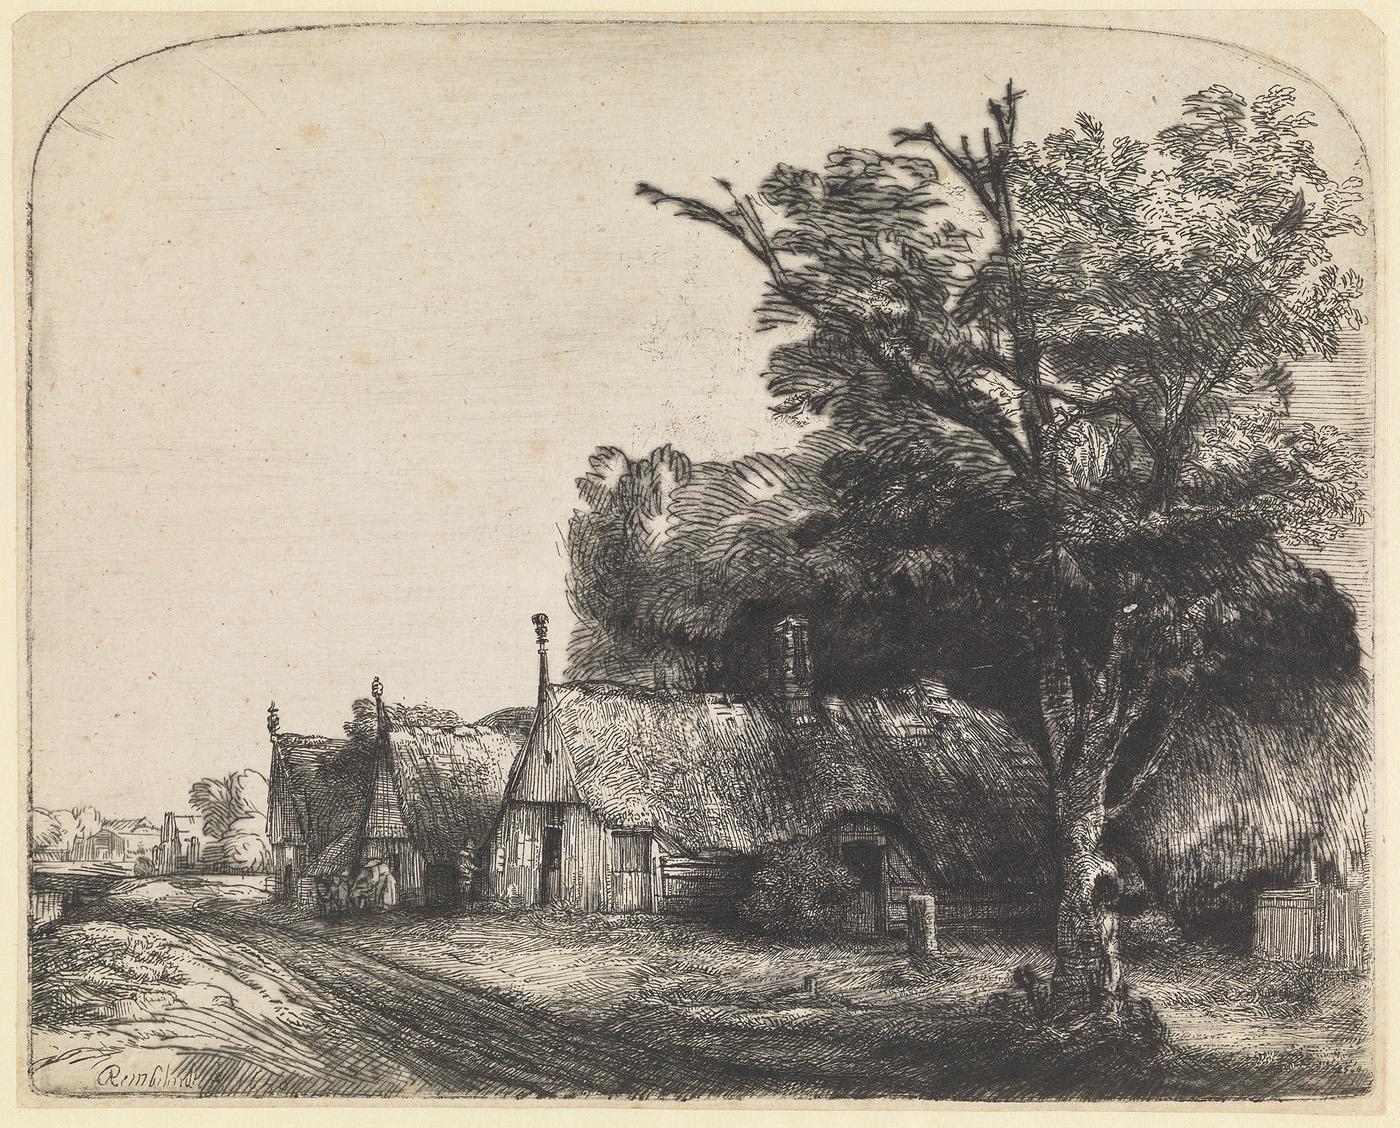 Landschap met drie boerderijen langs een weg